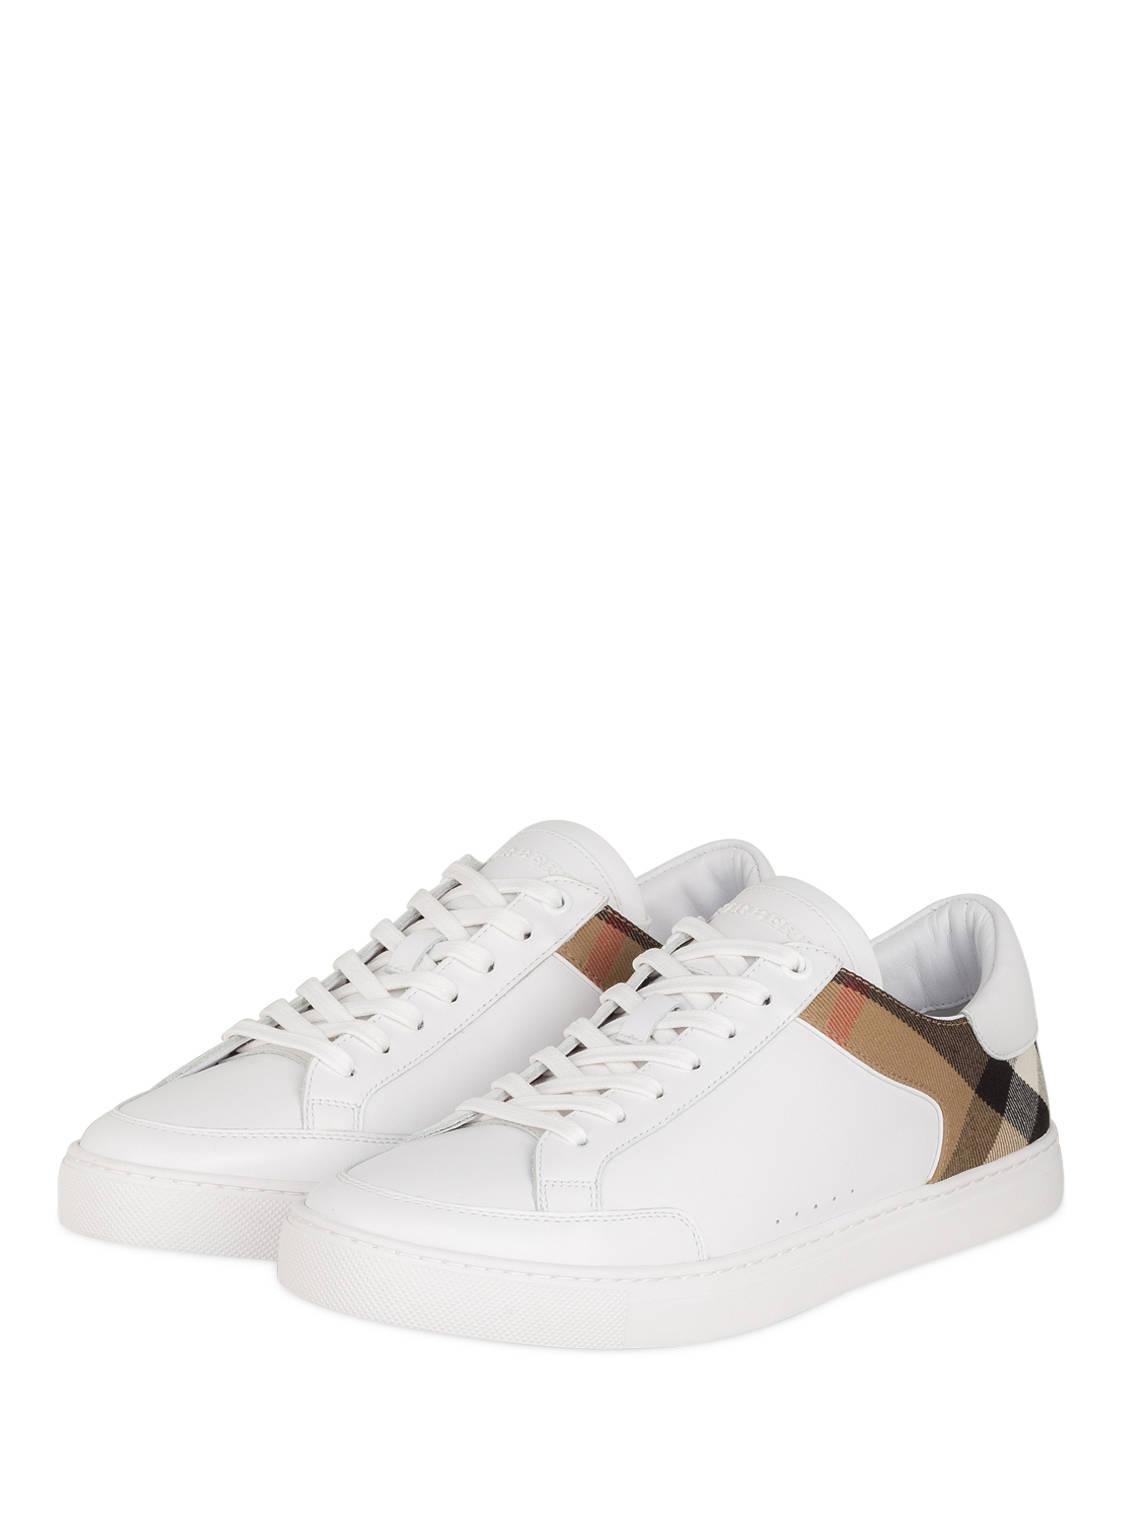 Saint Laurent Herren Sneakers Schuhe schwarz [129 294 0323